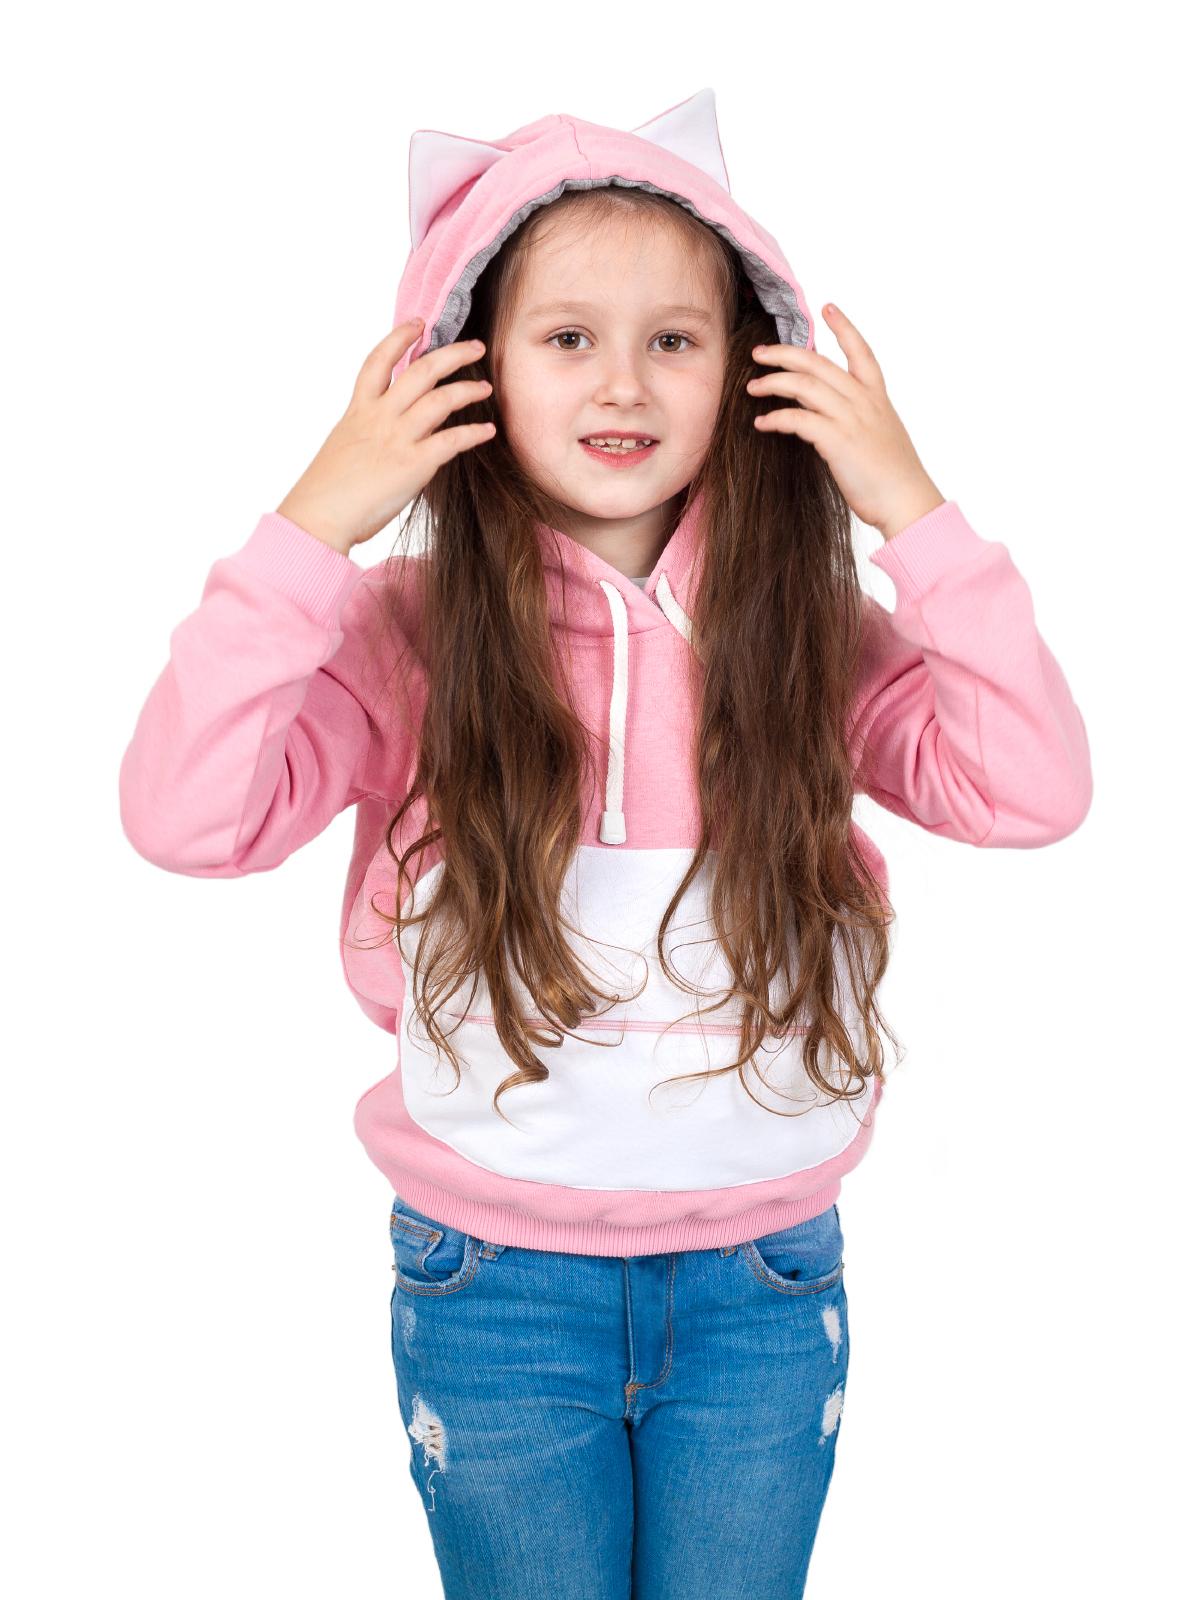 Купить Толстовка 2 в 1 с игрушкой, Обликулс Next 2 в 1: Толстовка с капюшоном Лео и Тиг «Редьяра Pink», цв. Розовый, р.128, Oblicools,